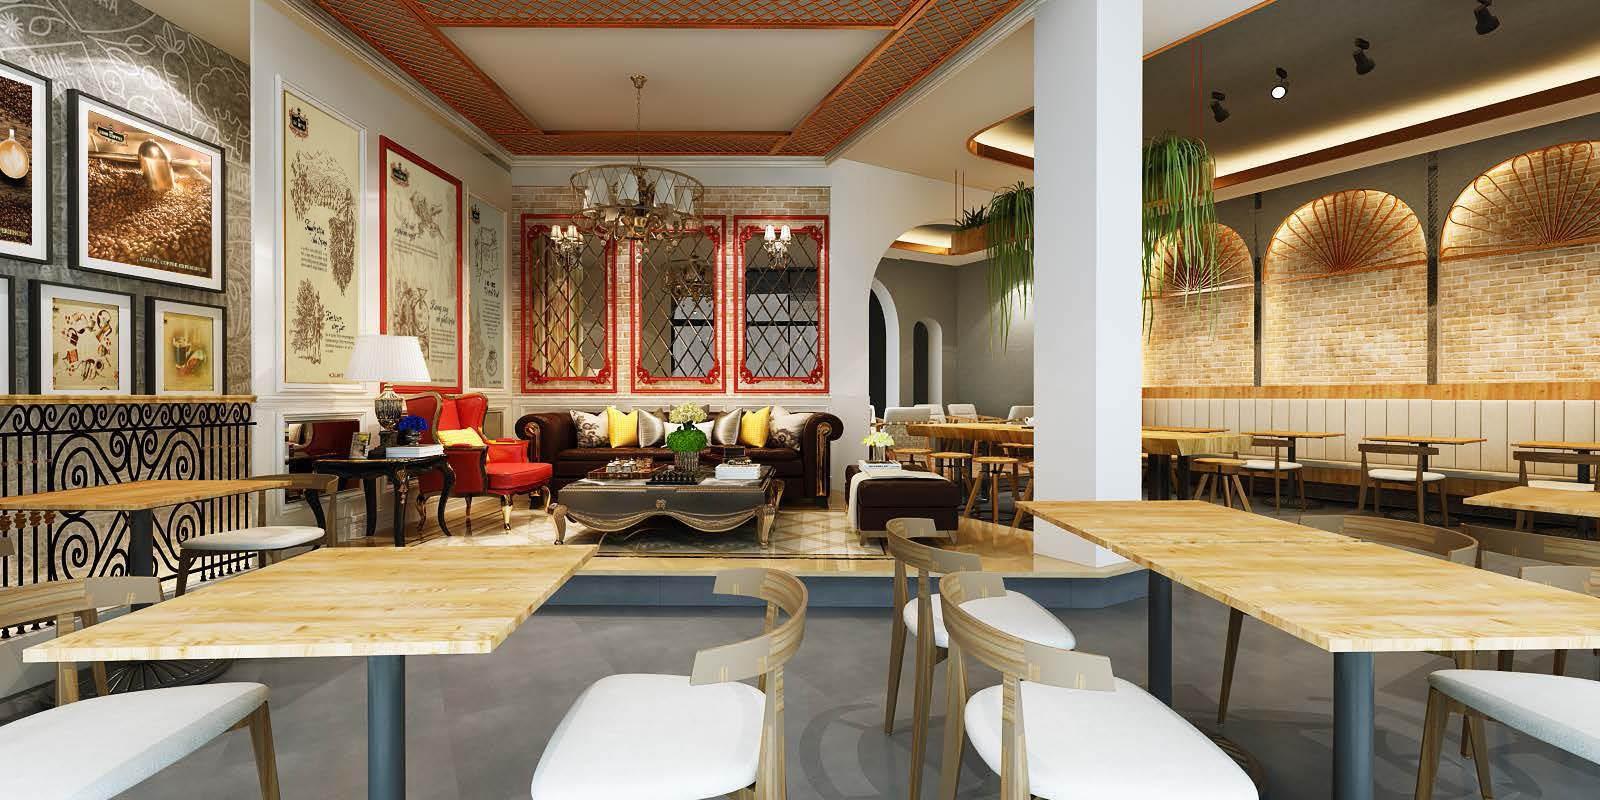 KingCoffeetừng bước ra mắt 3 mô hình cửa hàng tại Việt Nam - Ảnh 3.